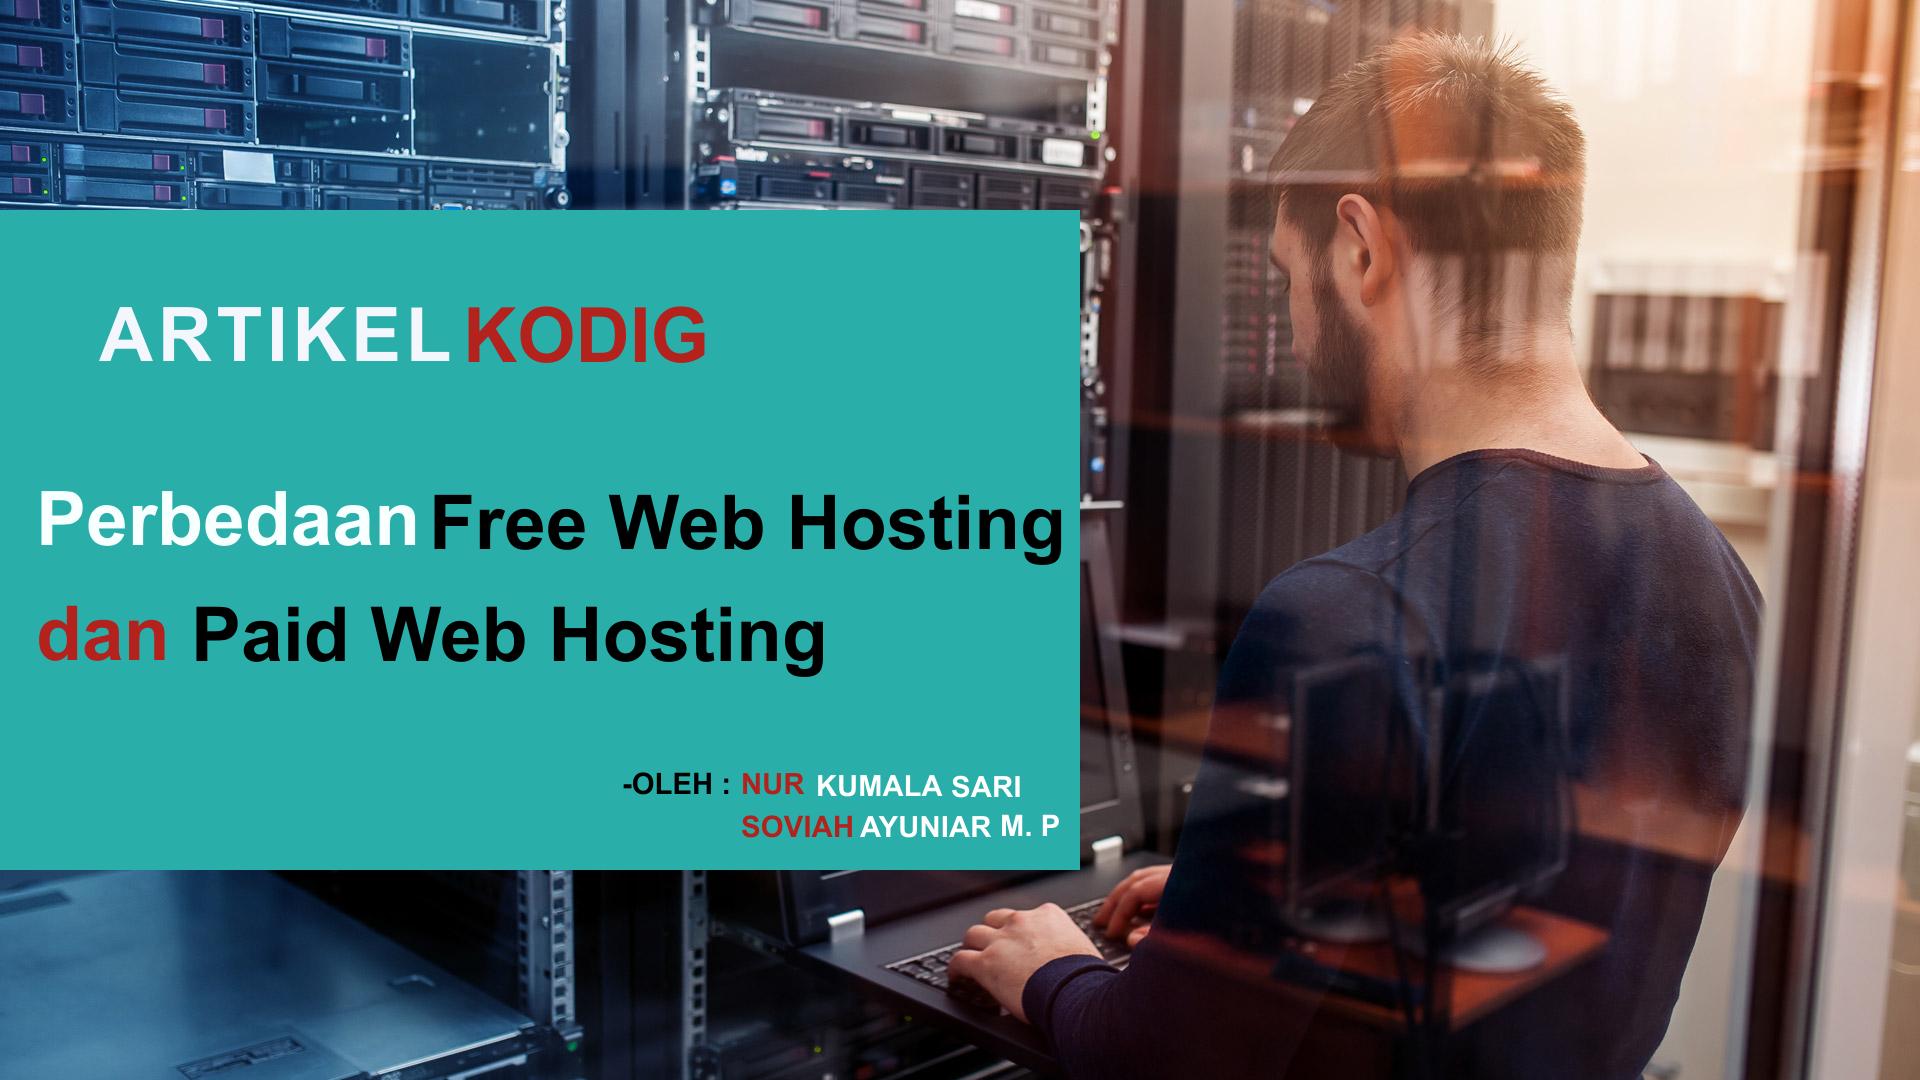 Perbedaan Free Web Hosting dan Paid Web Hosting